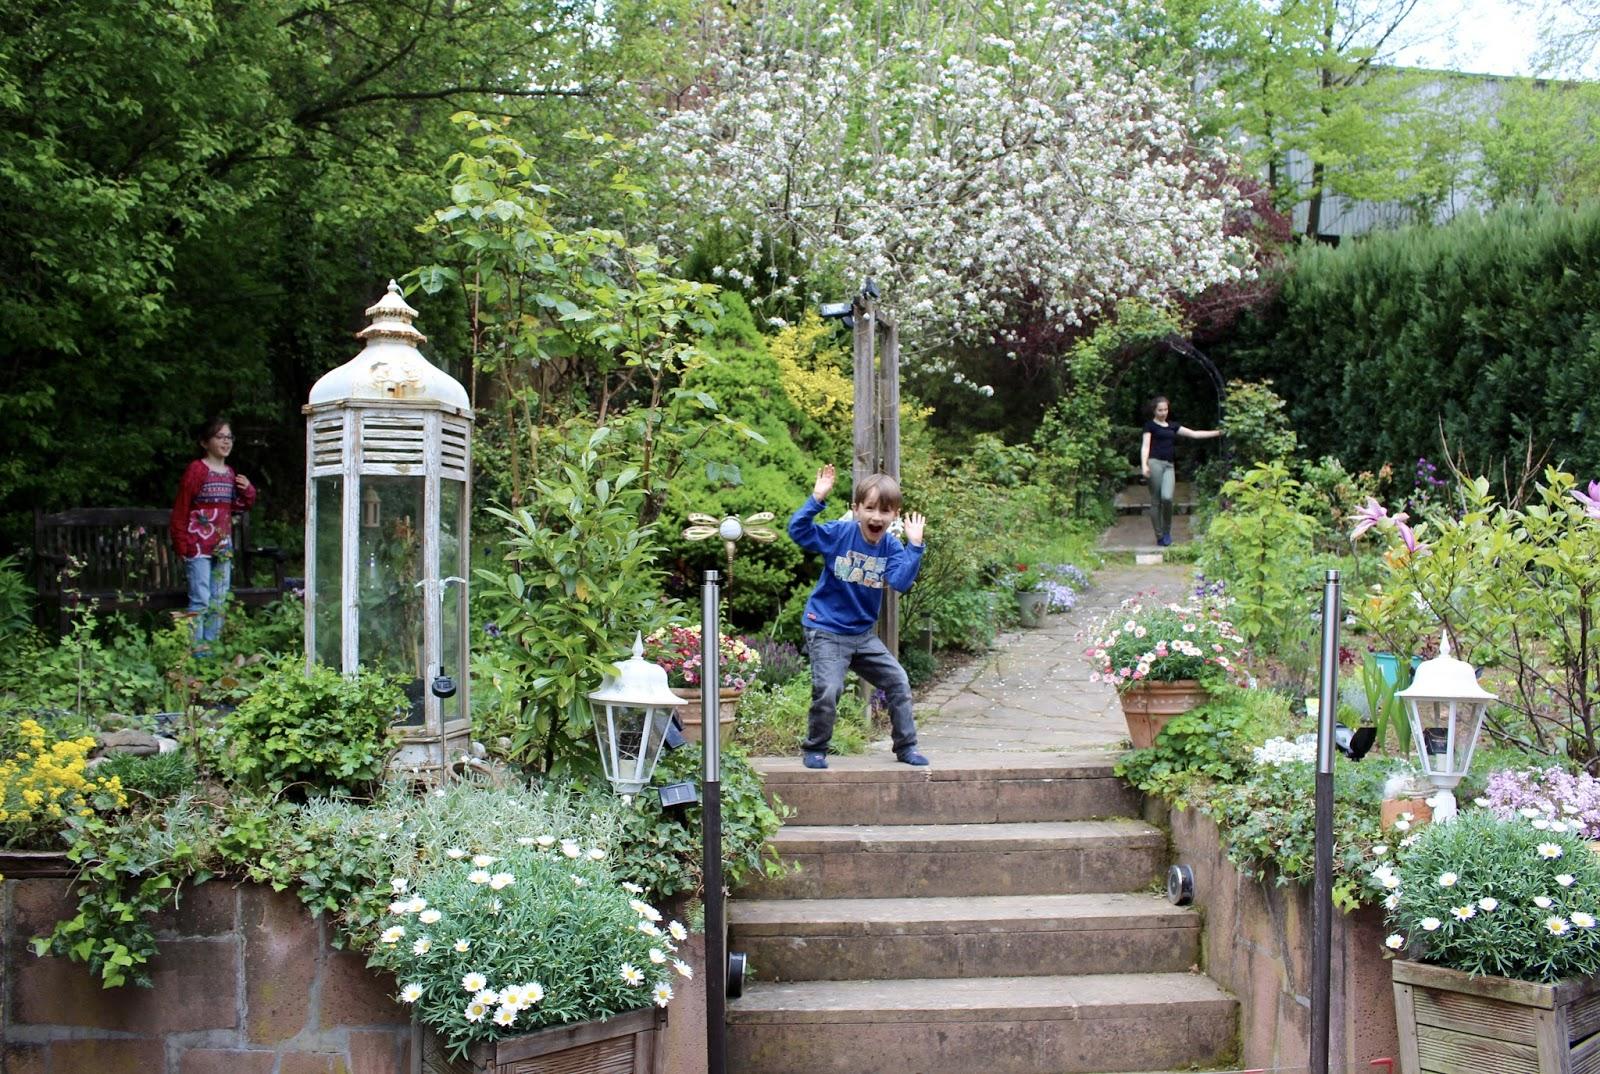 Unser Garten in Hoffenheim im Mai 2017 - Bauerngarten mit Kindern